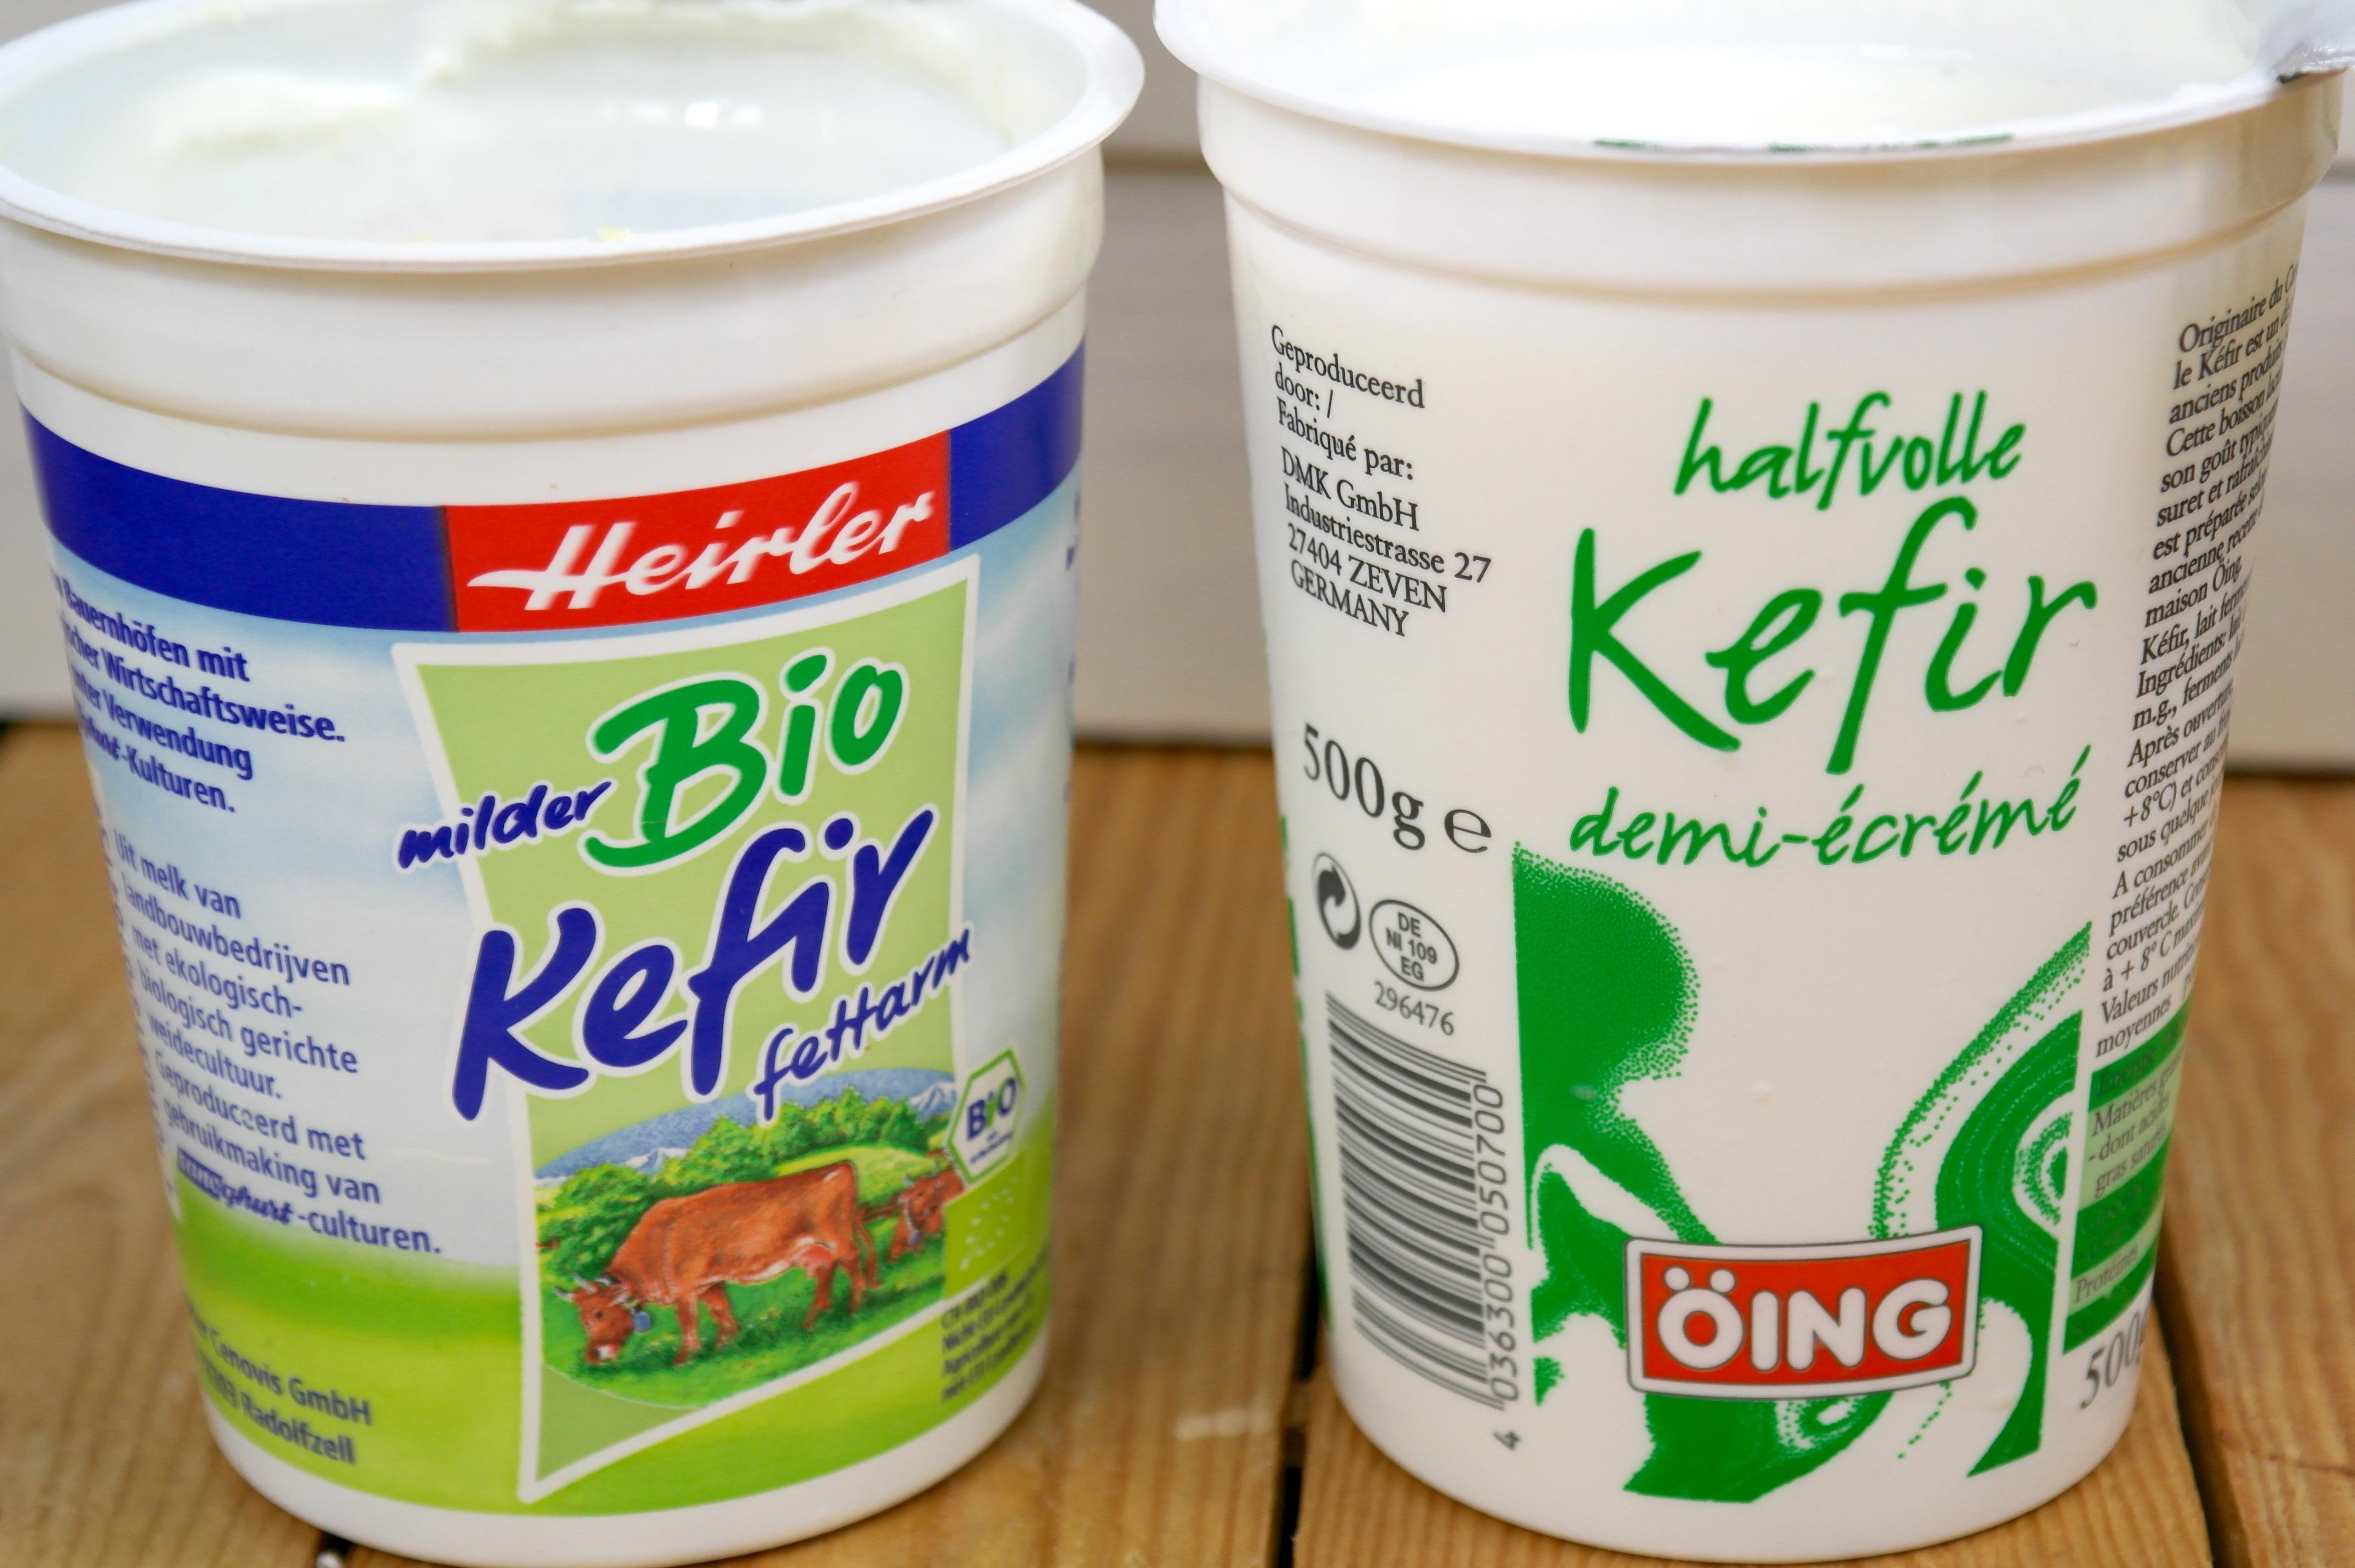 Kefir kopen in supermarkt